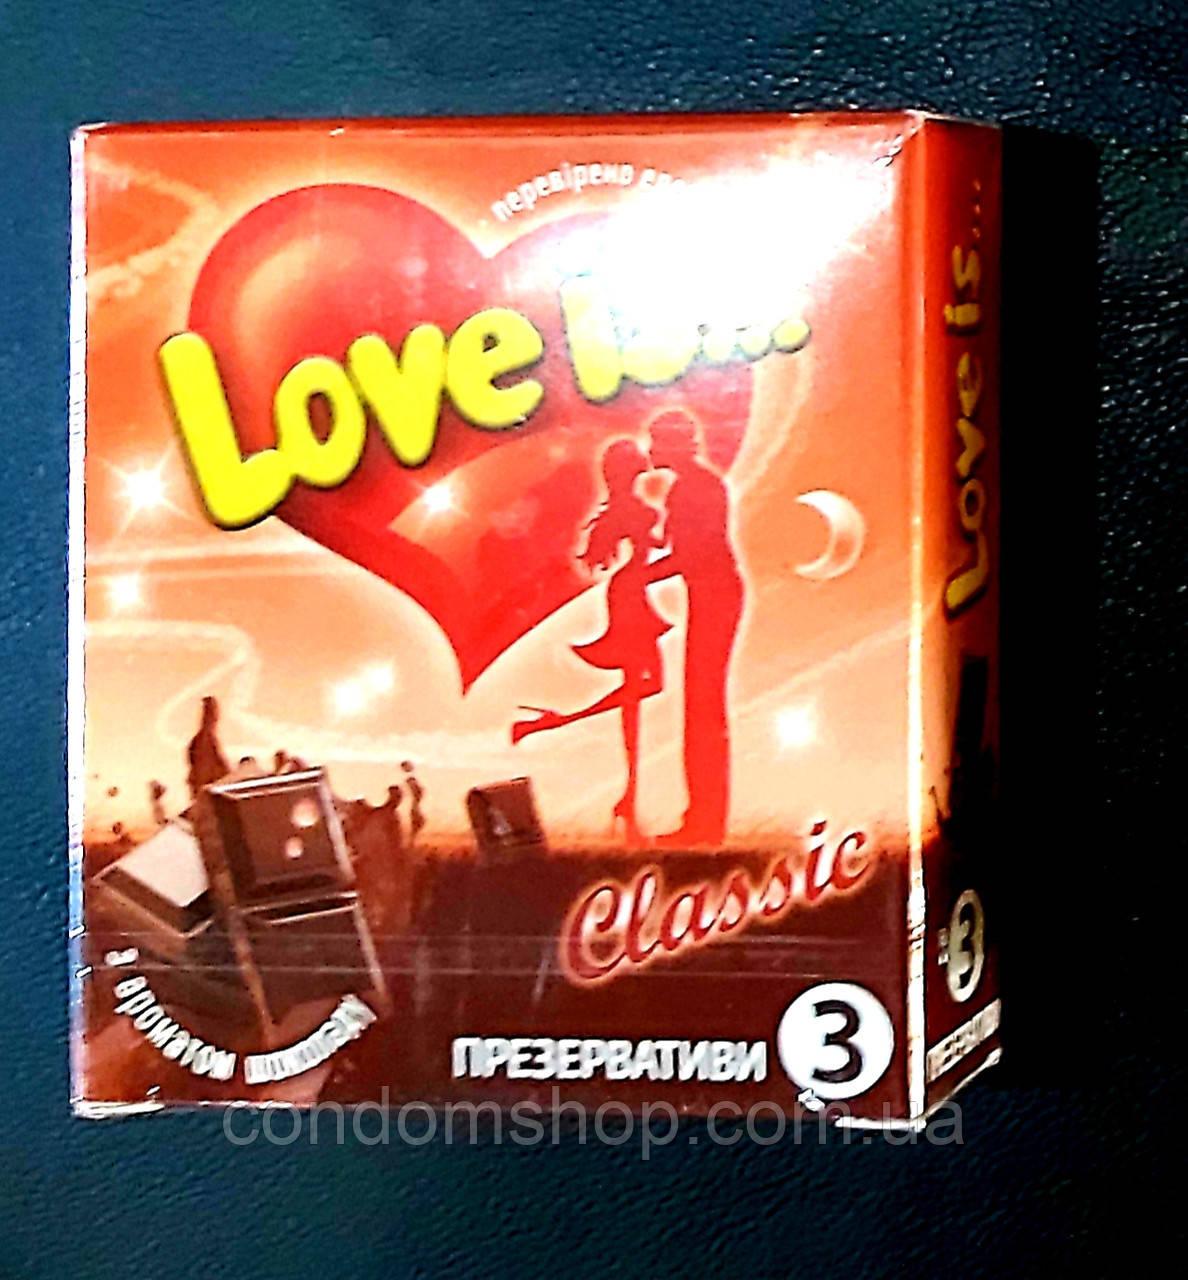 Презервативы Love is с ароматом ШОКОЛАДА и комиксом-вкладышем  ,3 шт.Великобритания